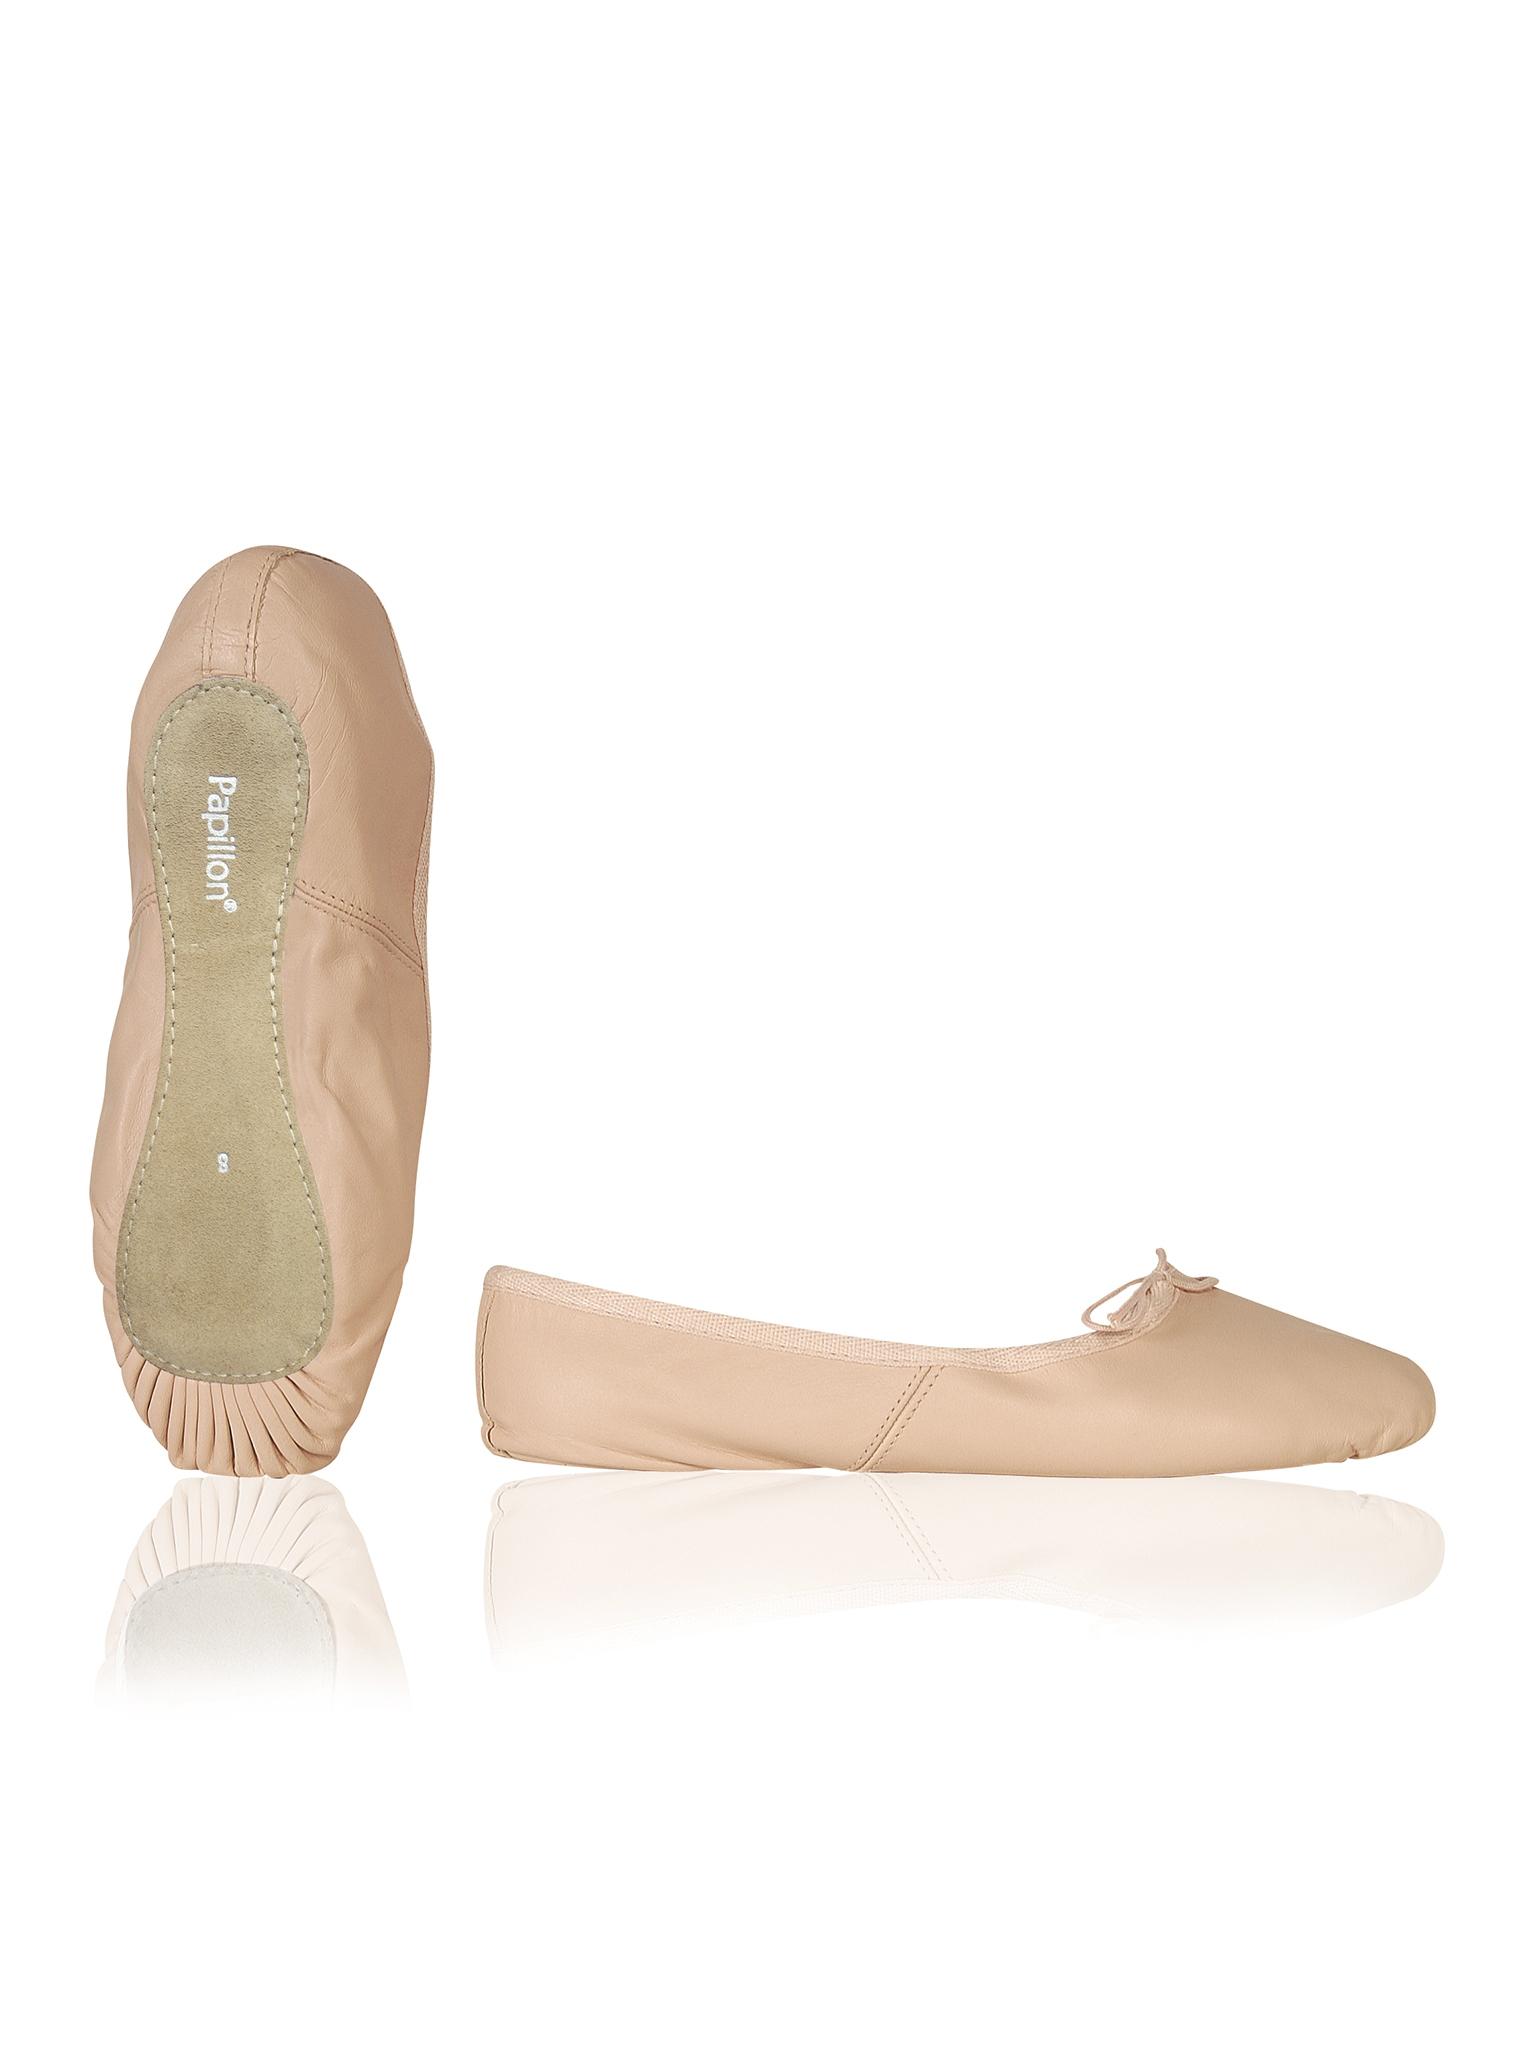 Image of   Papillon Ballet sko Mørk lærred fuld såle Piger - Pink - 15